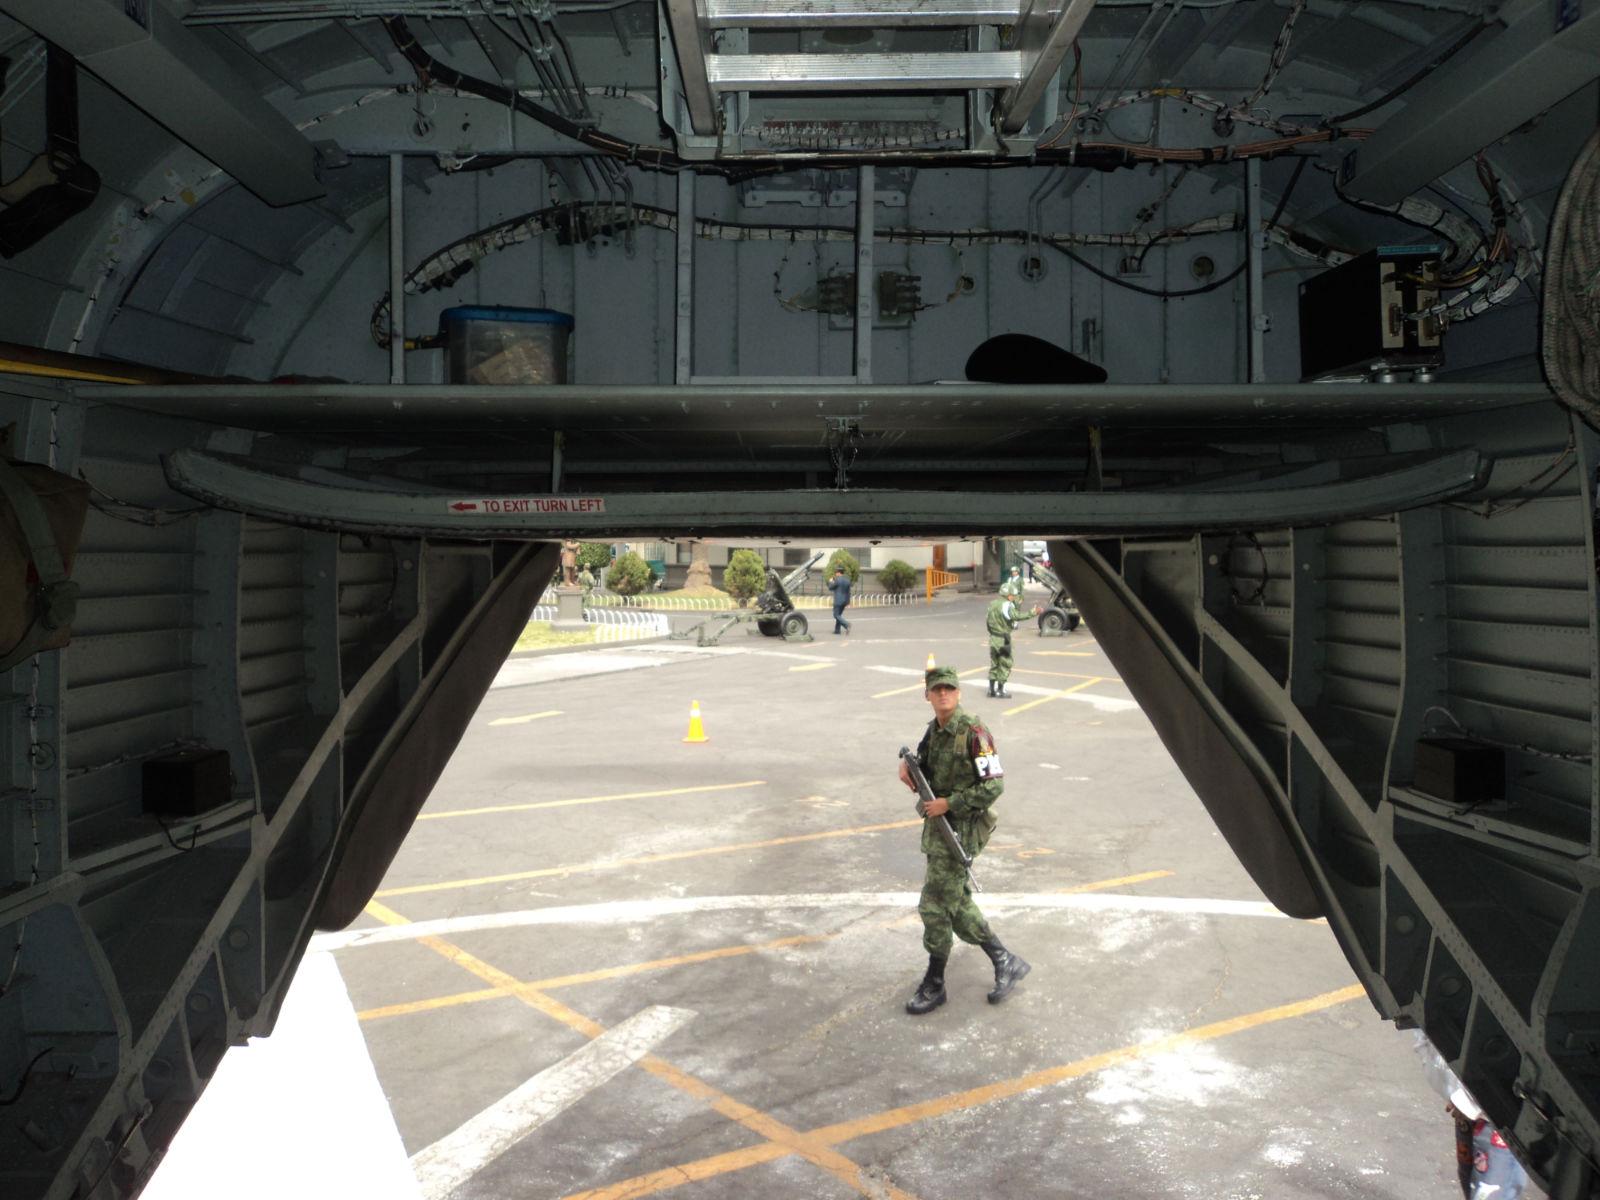 Exhibicion itinerante del Ejercito y Fuerza Aerea; La Gran Fuerza de México PROXIMA SEDE: JALISCO - Página 3 DSC01437